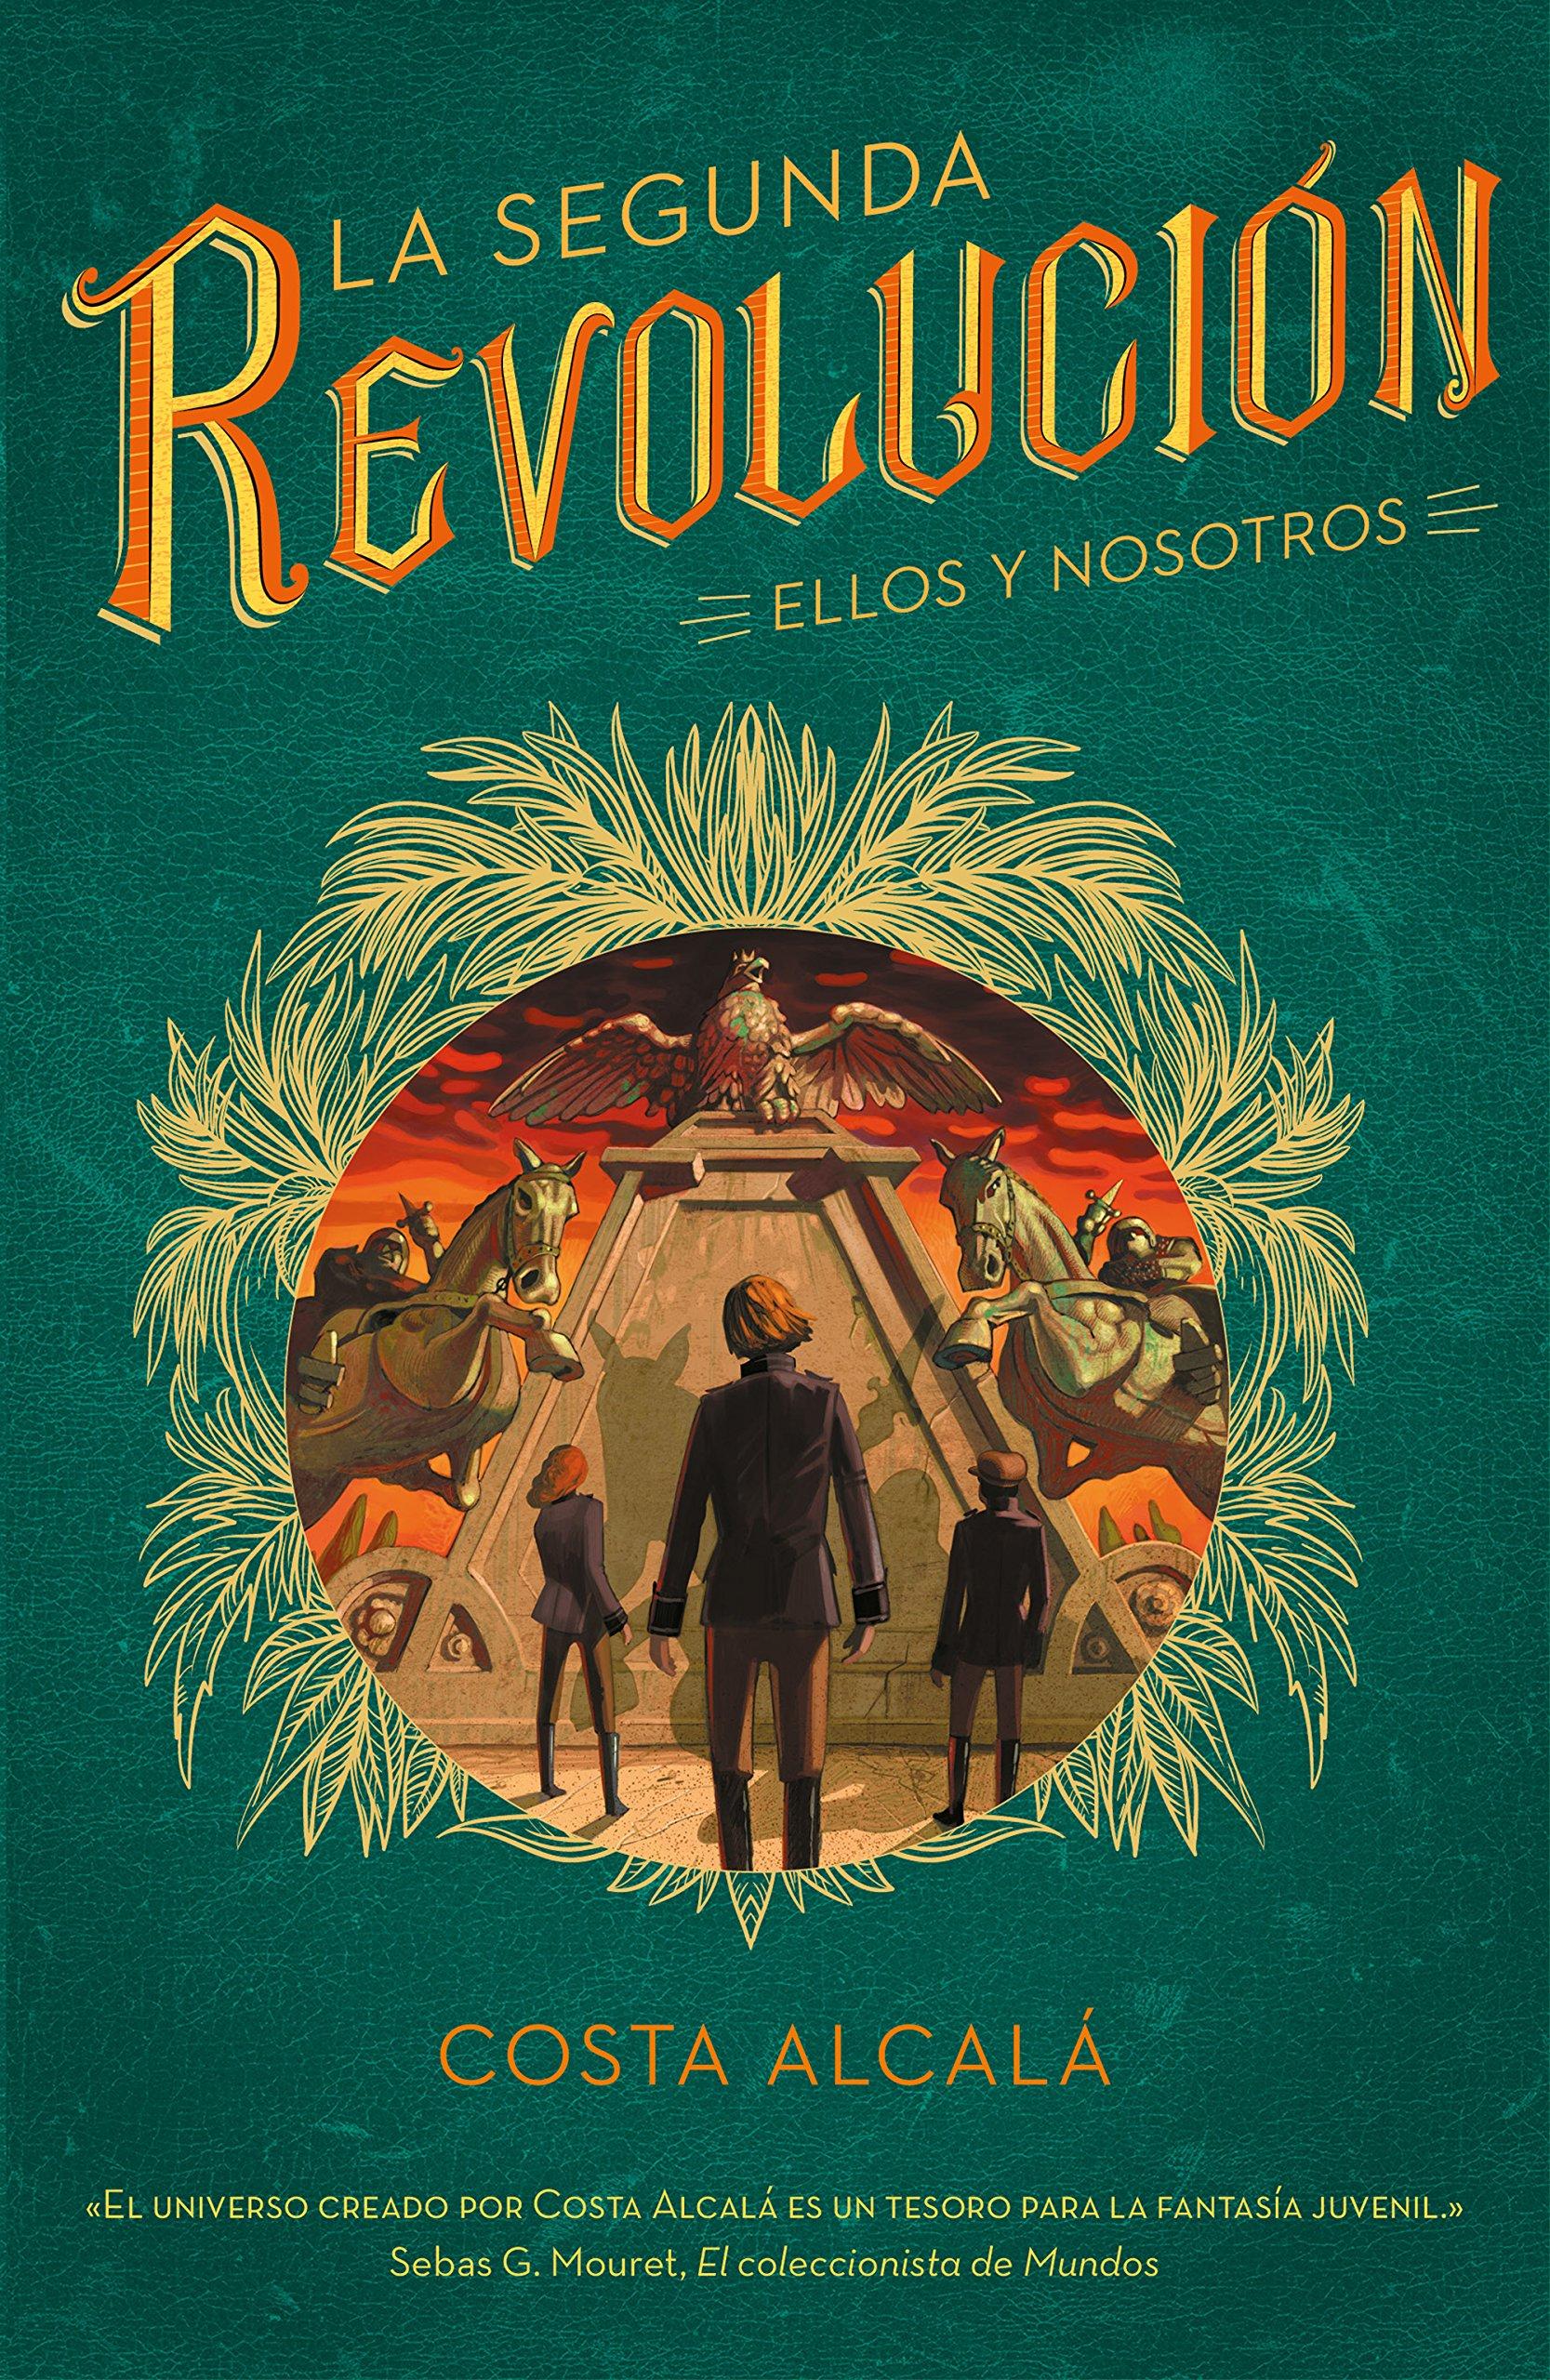 La Segunda Revoluci�n. Ellos y nosotros. (La Segunda Revoluci�n 2): 9788490439333: Amazon.com: Books